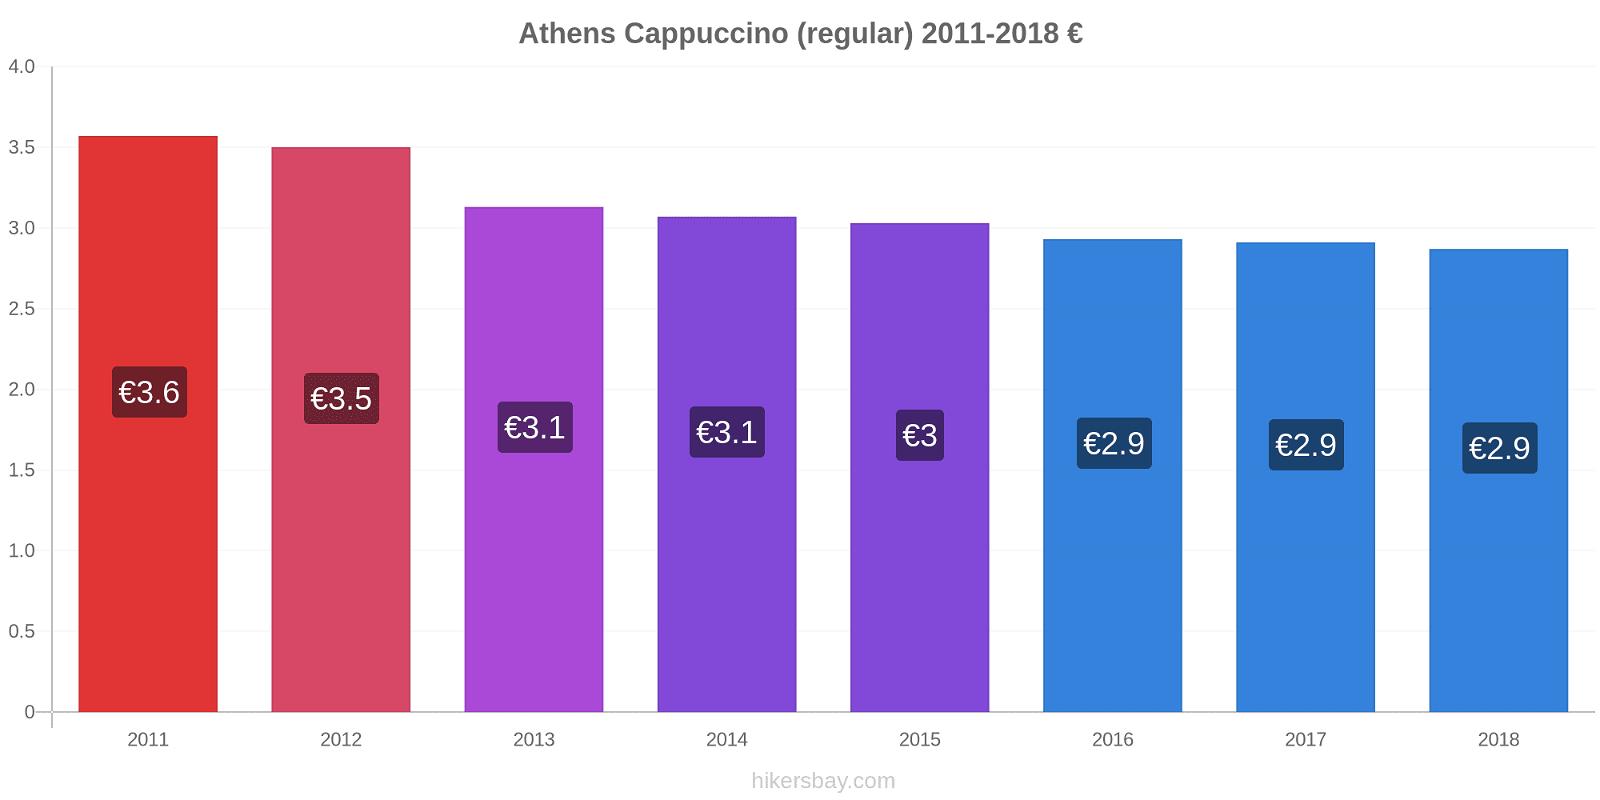 Athens price changes Cappuccino (regular) hikersbay.com